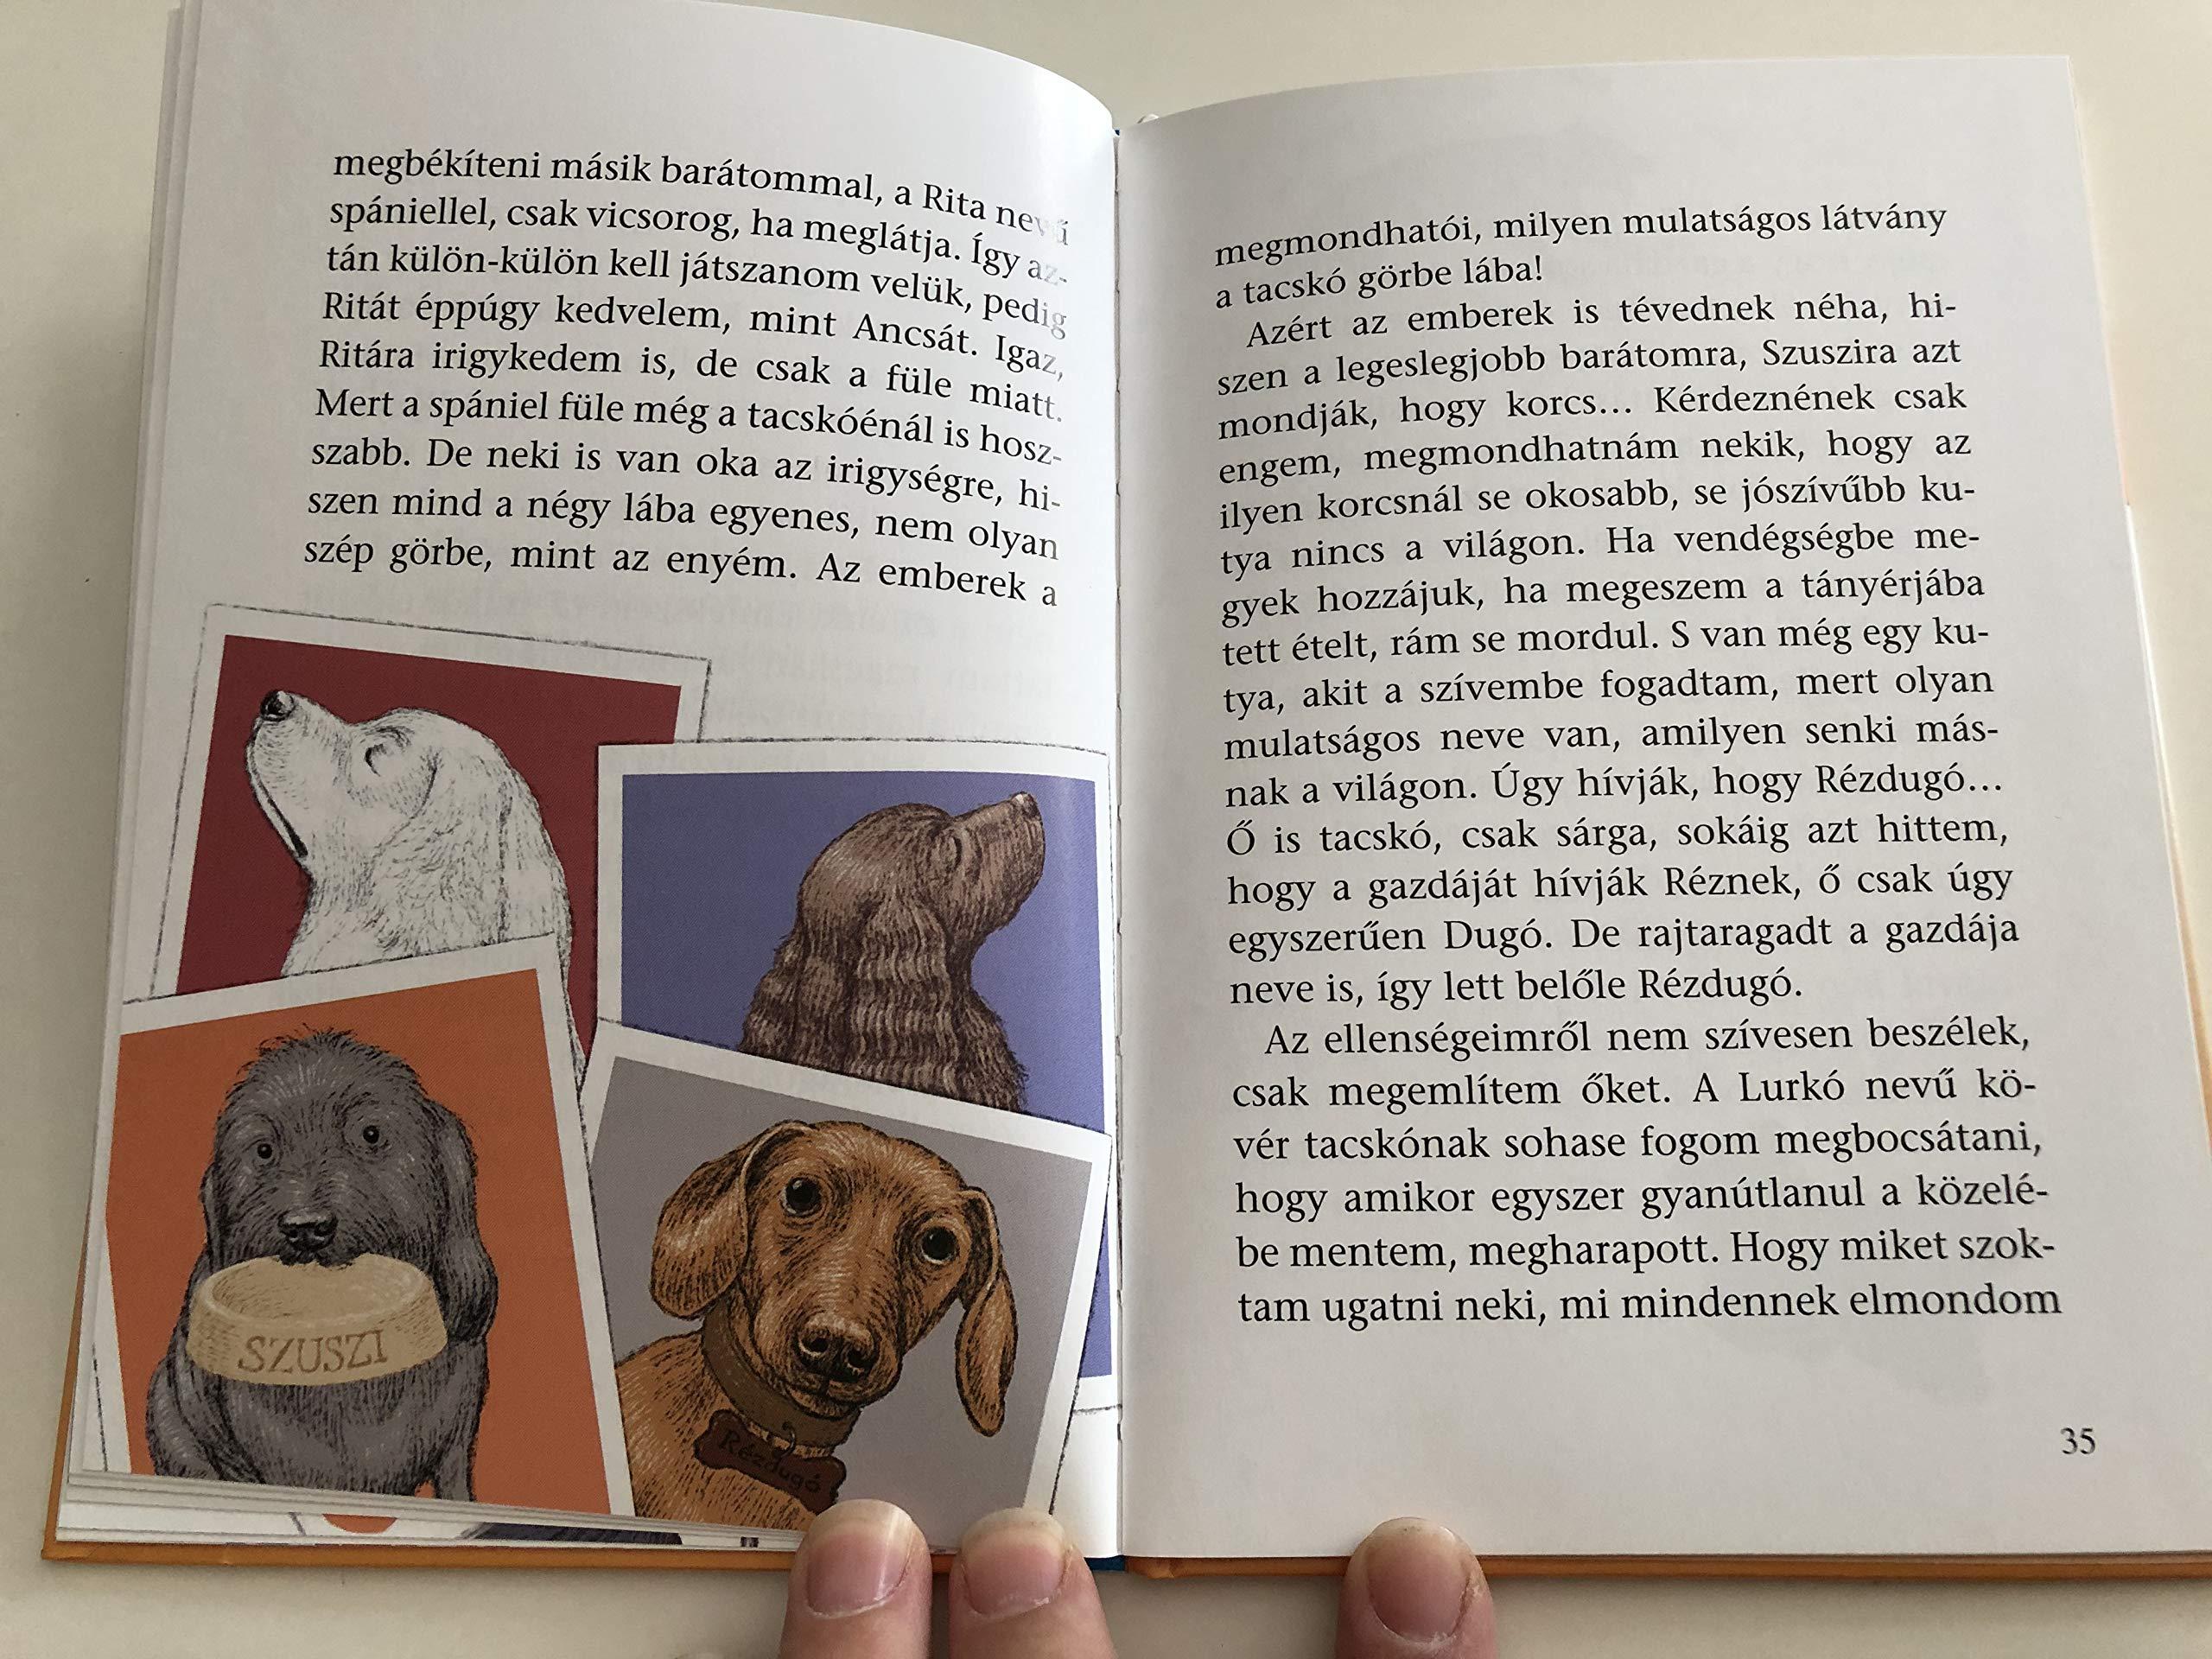 látvány | A magyar nyelv értelmező szótára | Kézikönyvtár